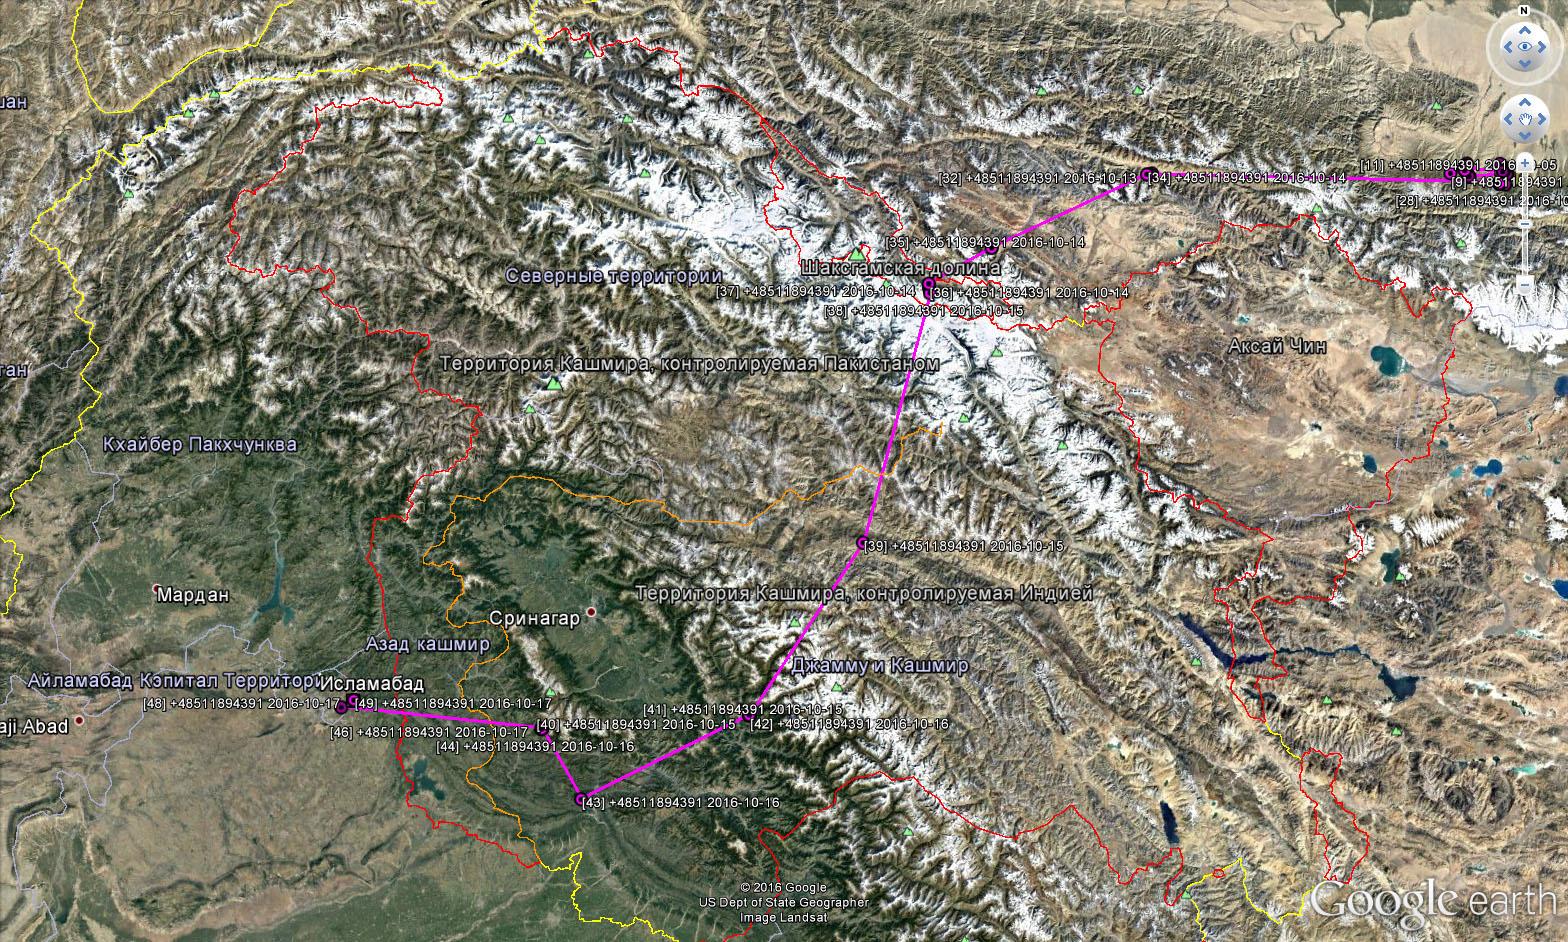 Перелёт Евы через Гималаи 13 - 17 октября 2016 г.